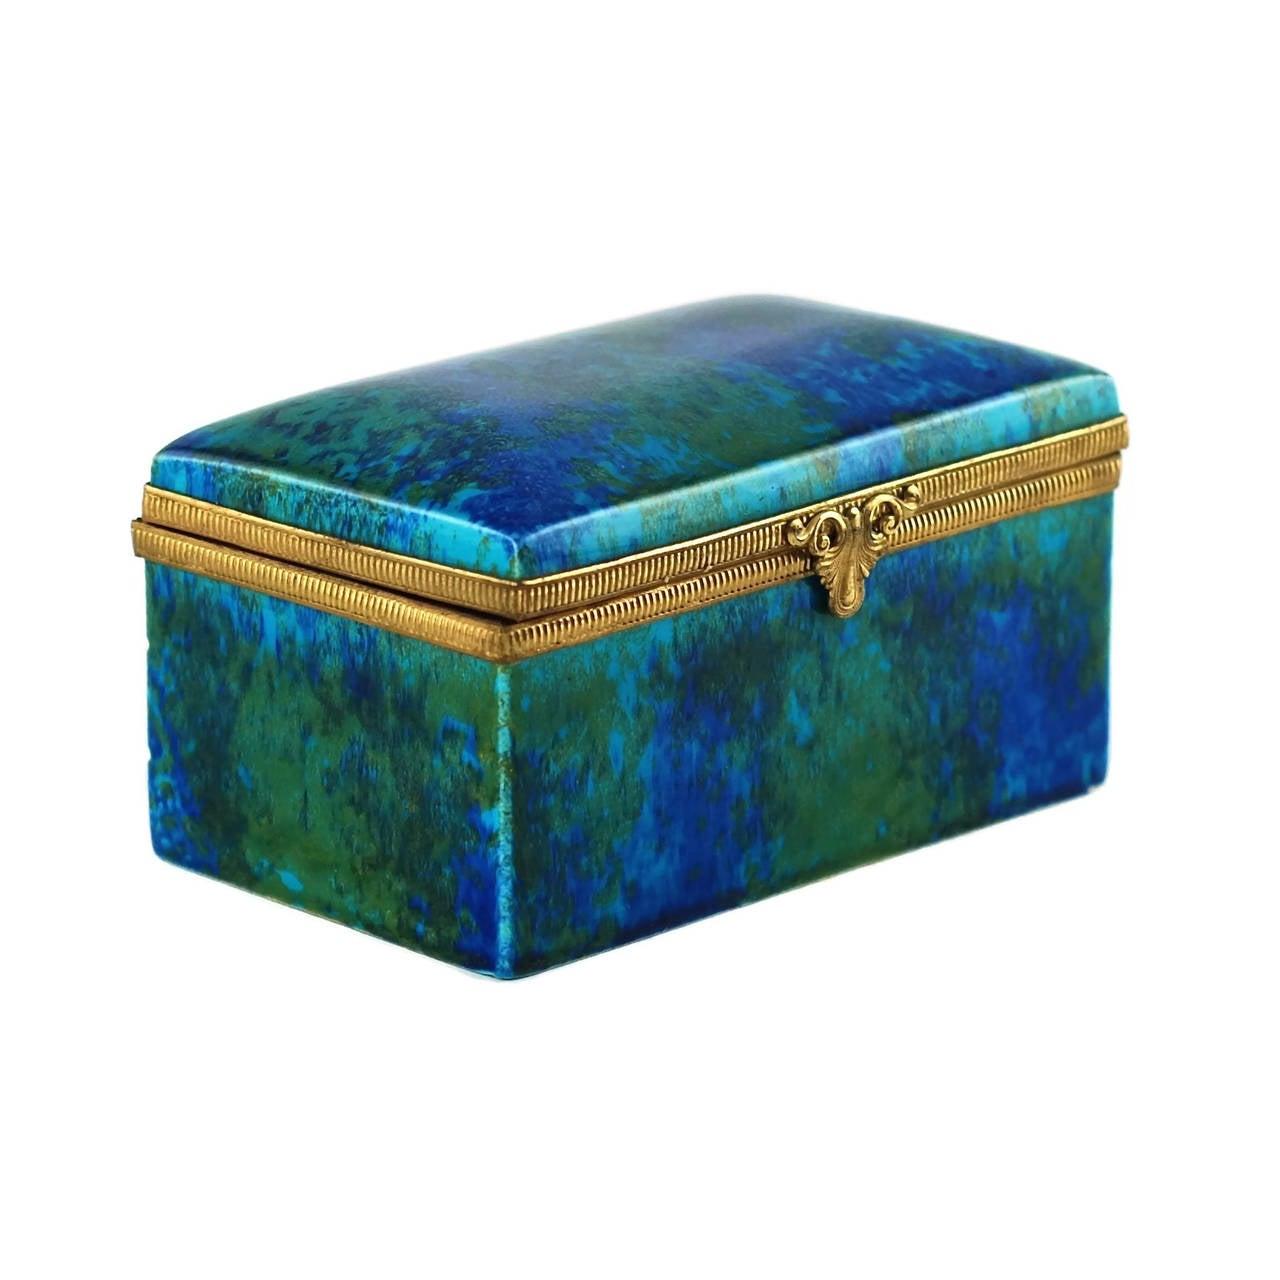 Art Deco Paul Milet Sèvres Porcelain Hinged Dresser Box with Ormolu Mounts For Sale